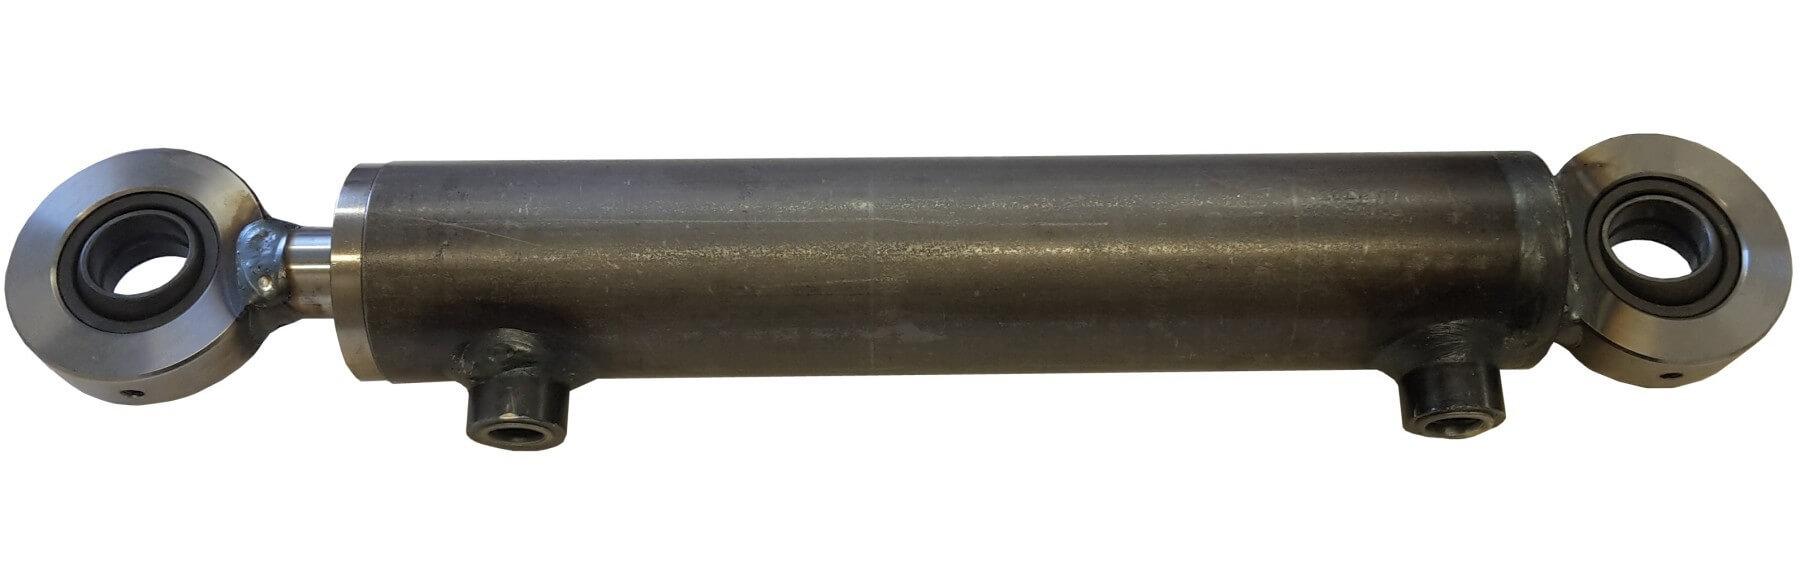 Hydraulisylinteri CL 50. 25. 250 GE - Kailatec Oy Verkkokauppa